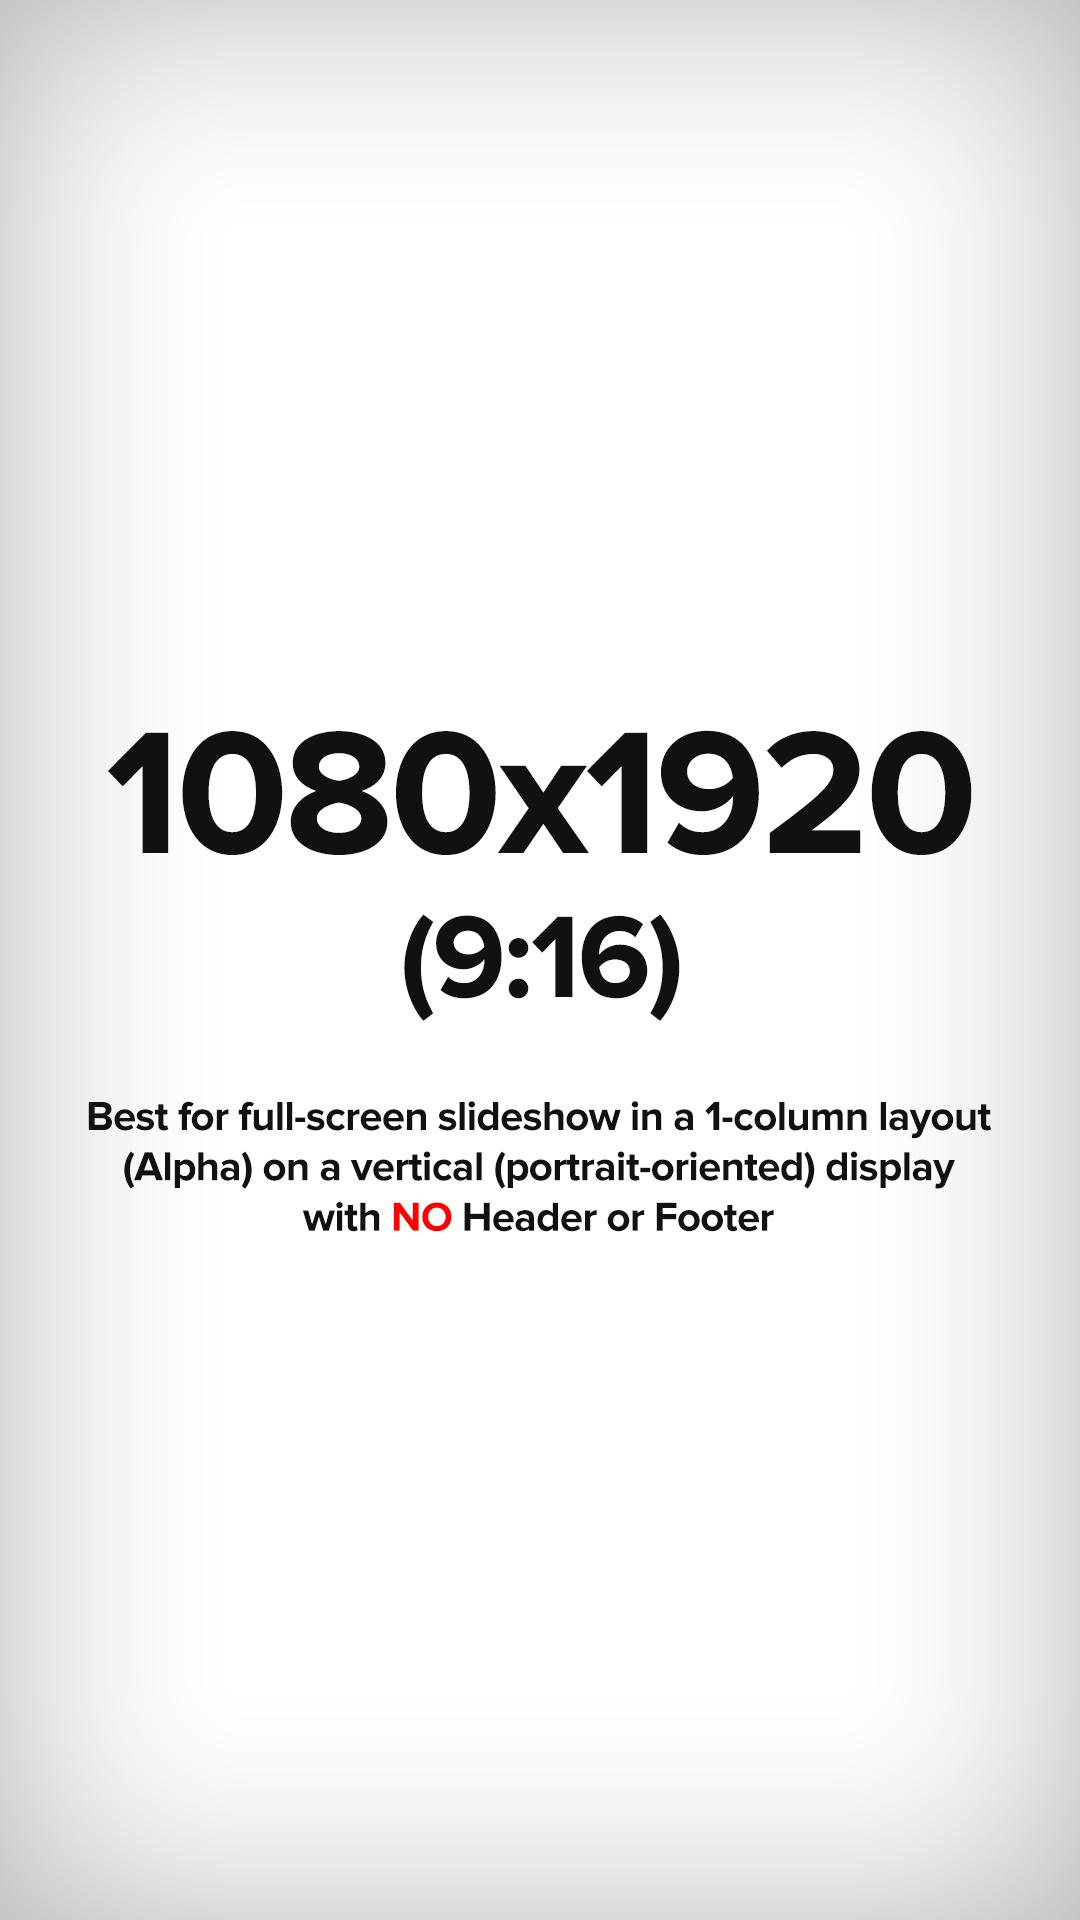 1080x1920 (9:16) Example image